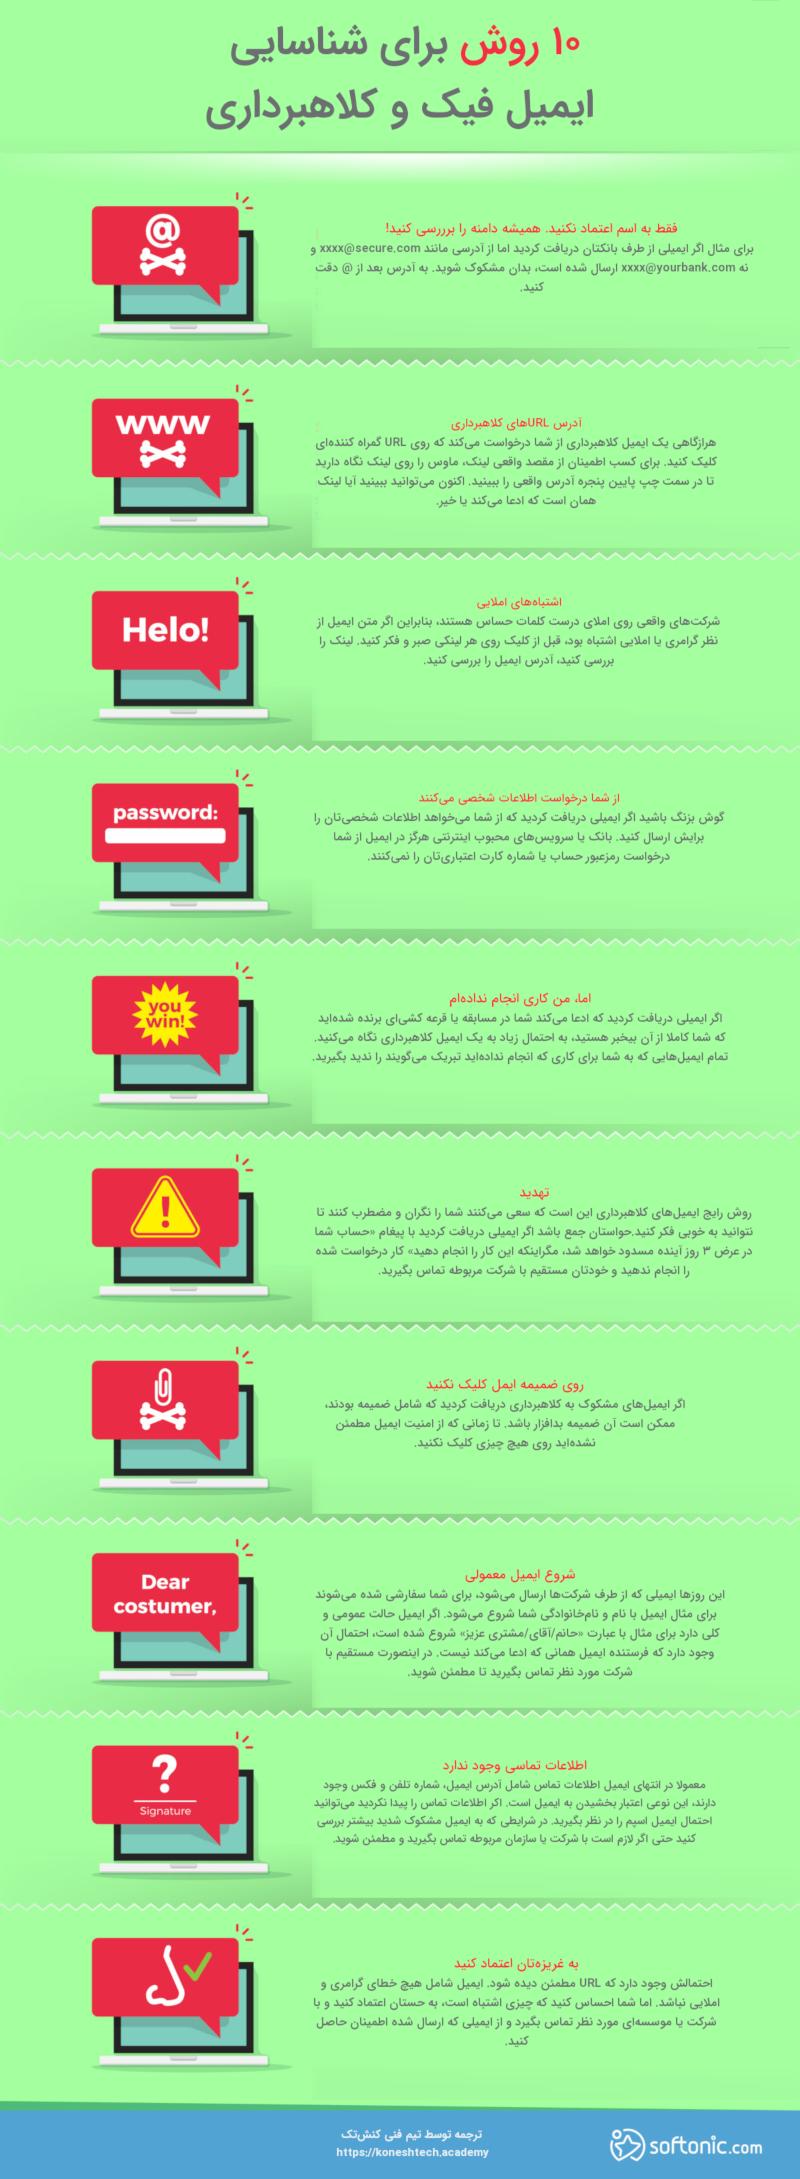 ۱۰ روش برای شناسایی ایمیل جعلی و کلاهبرداری